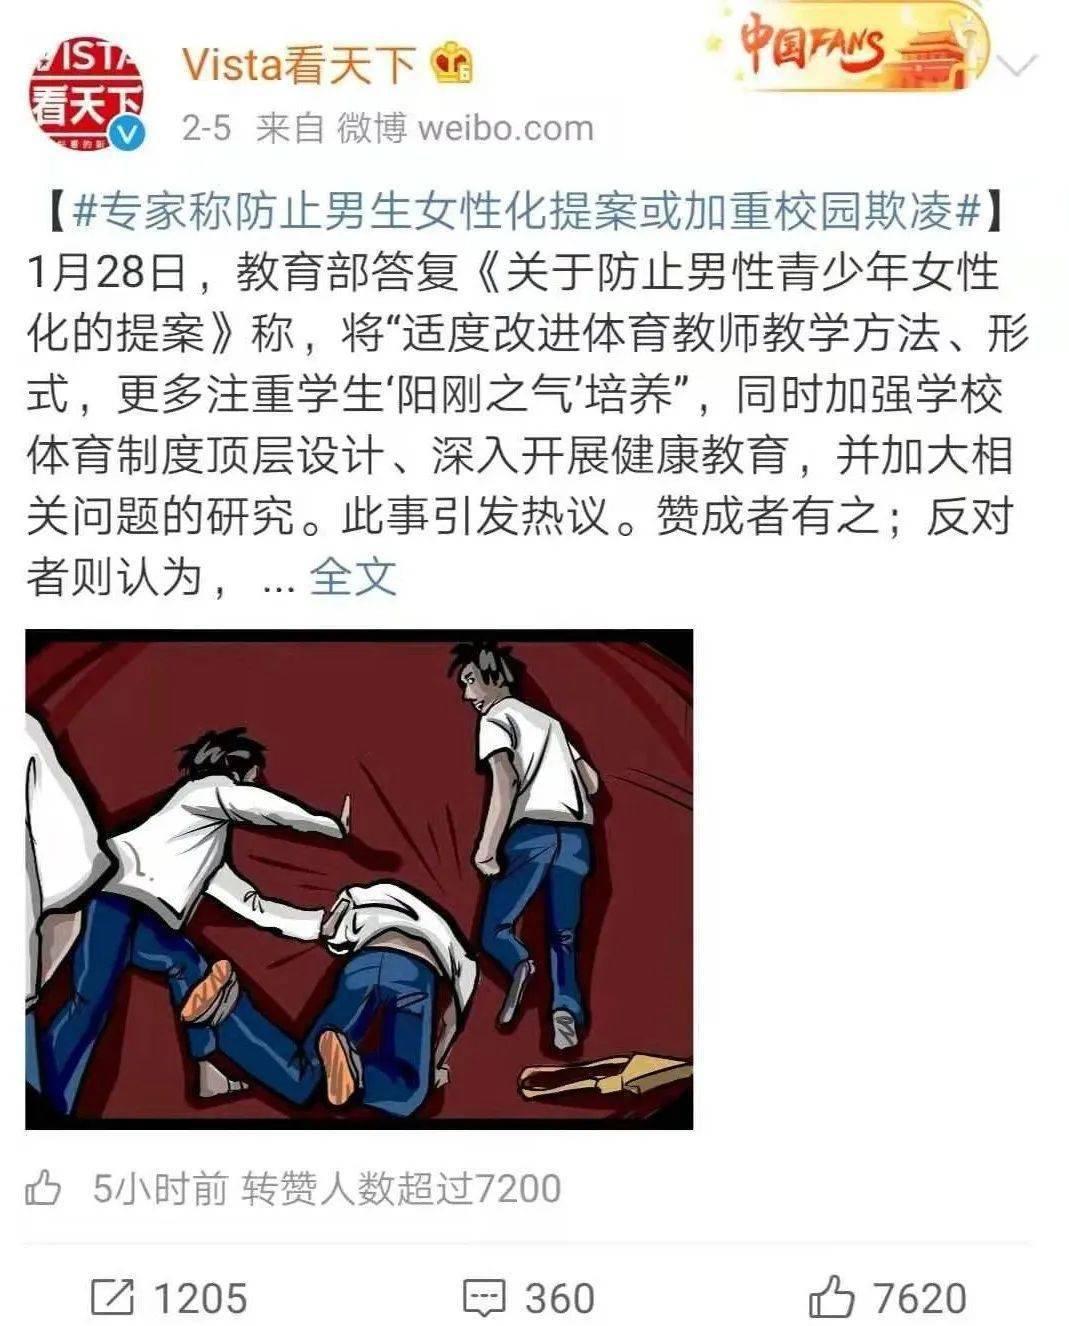 原创防止中国男生女性化,培养男性气质?网友热议:别再逼男生男性化了!